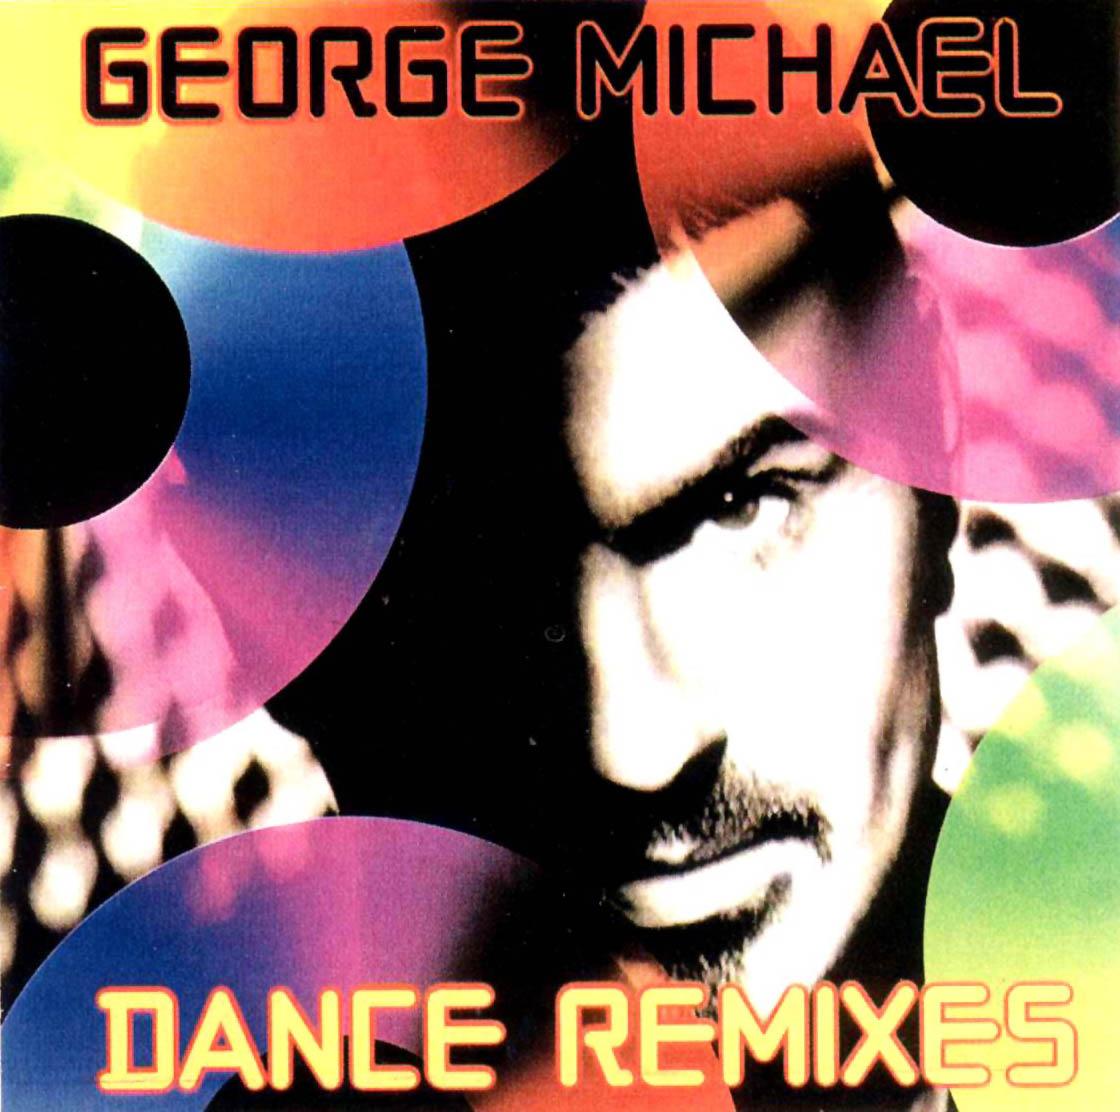 Giorgio Moroder Chase Loves Theme